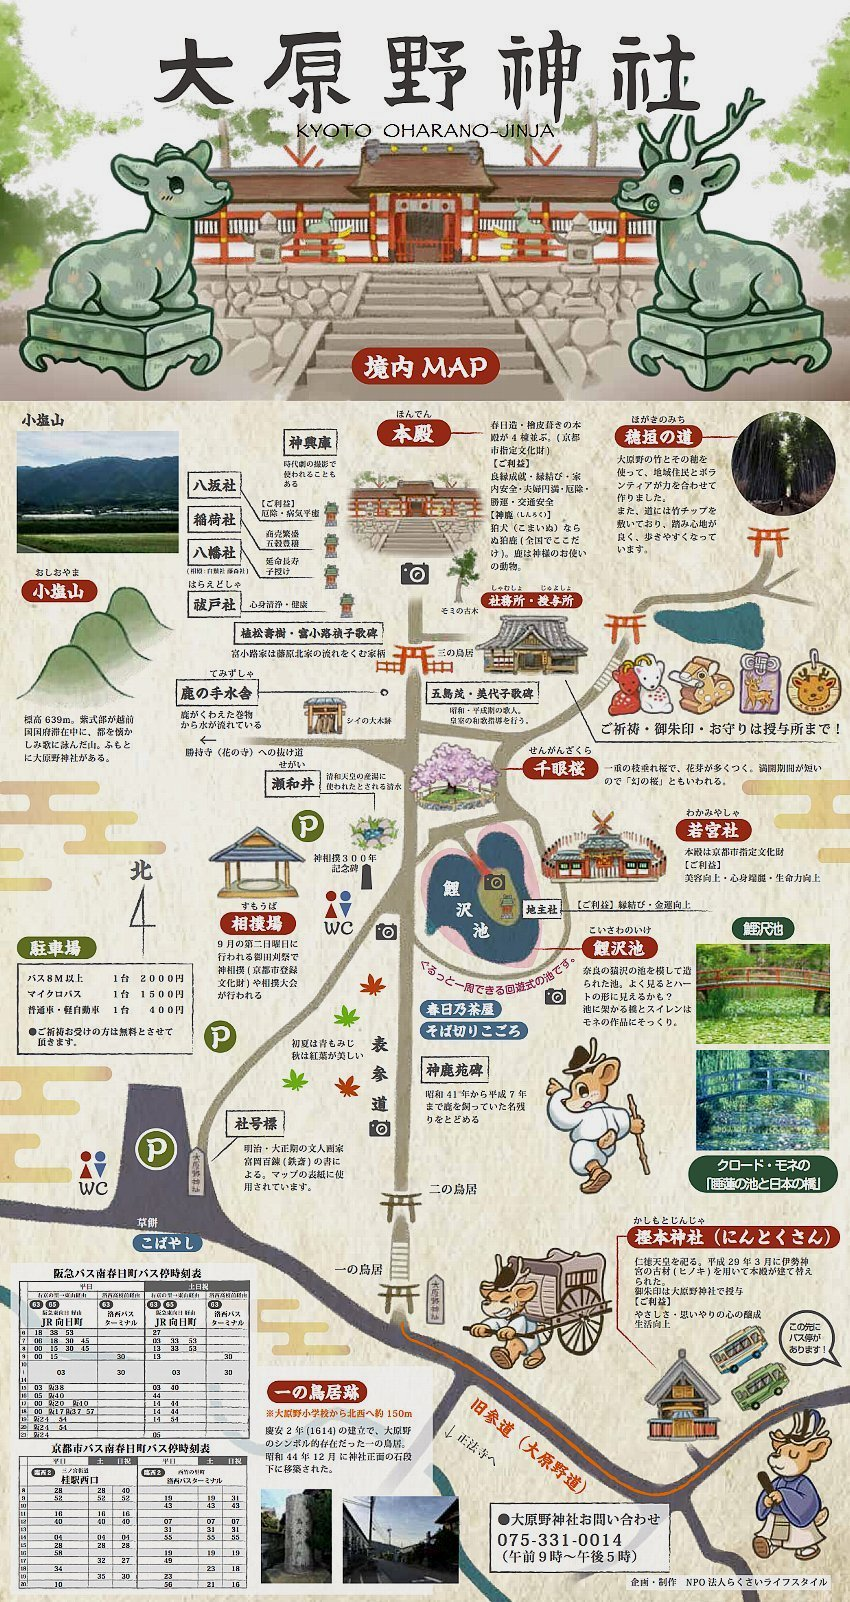 大原野神社(その1)参道で昼食_c0112559_08213744.jpg